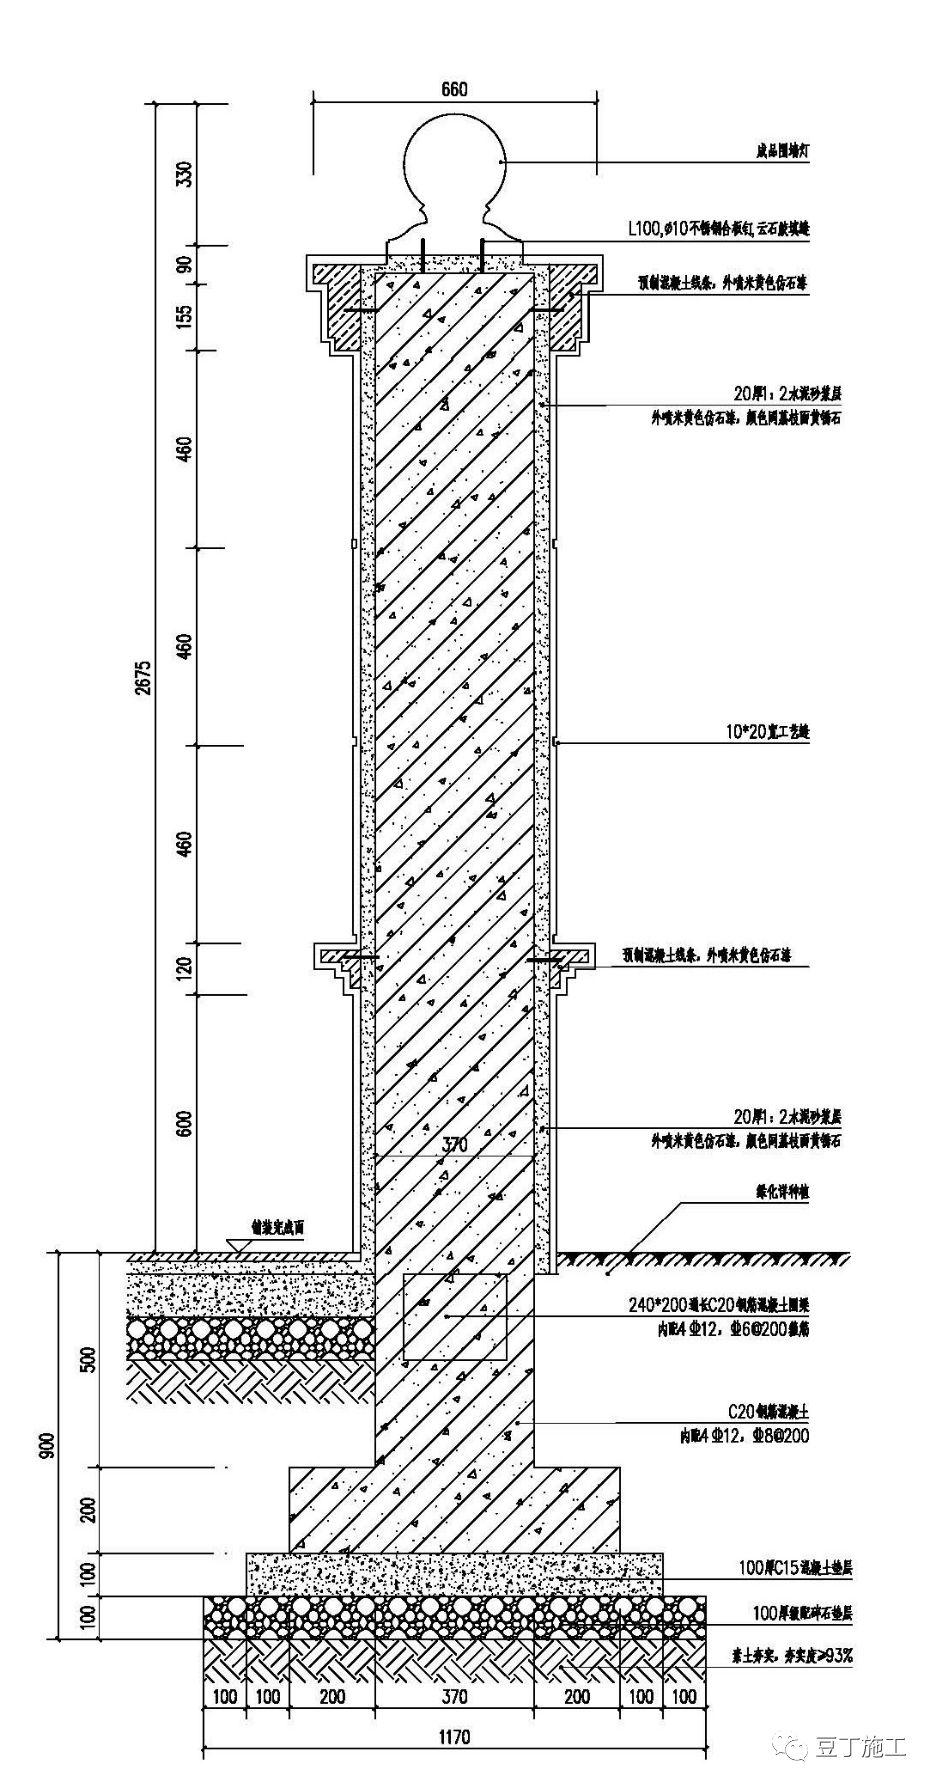 柱子断面图